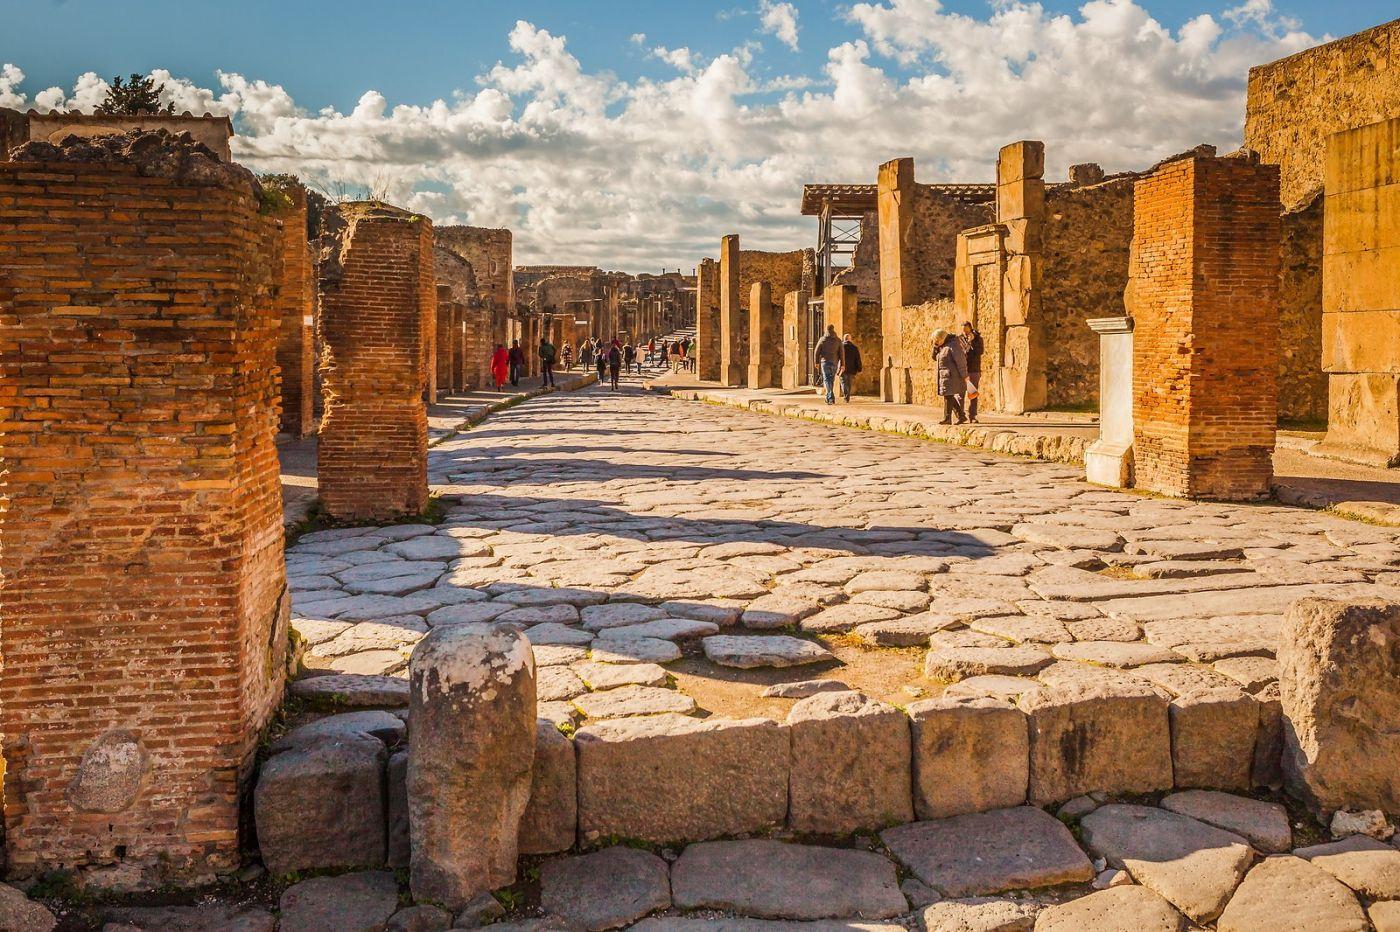 意大利一世纪古城庞贝,那时城市道路_图1-6